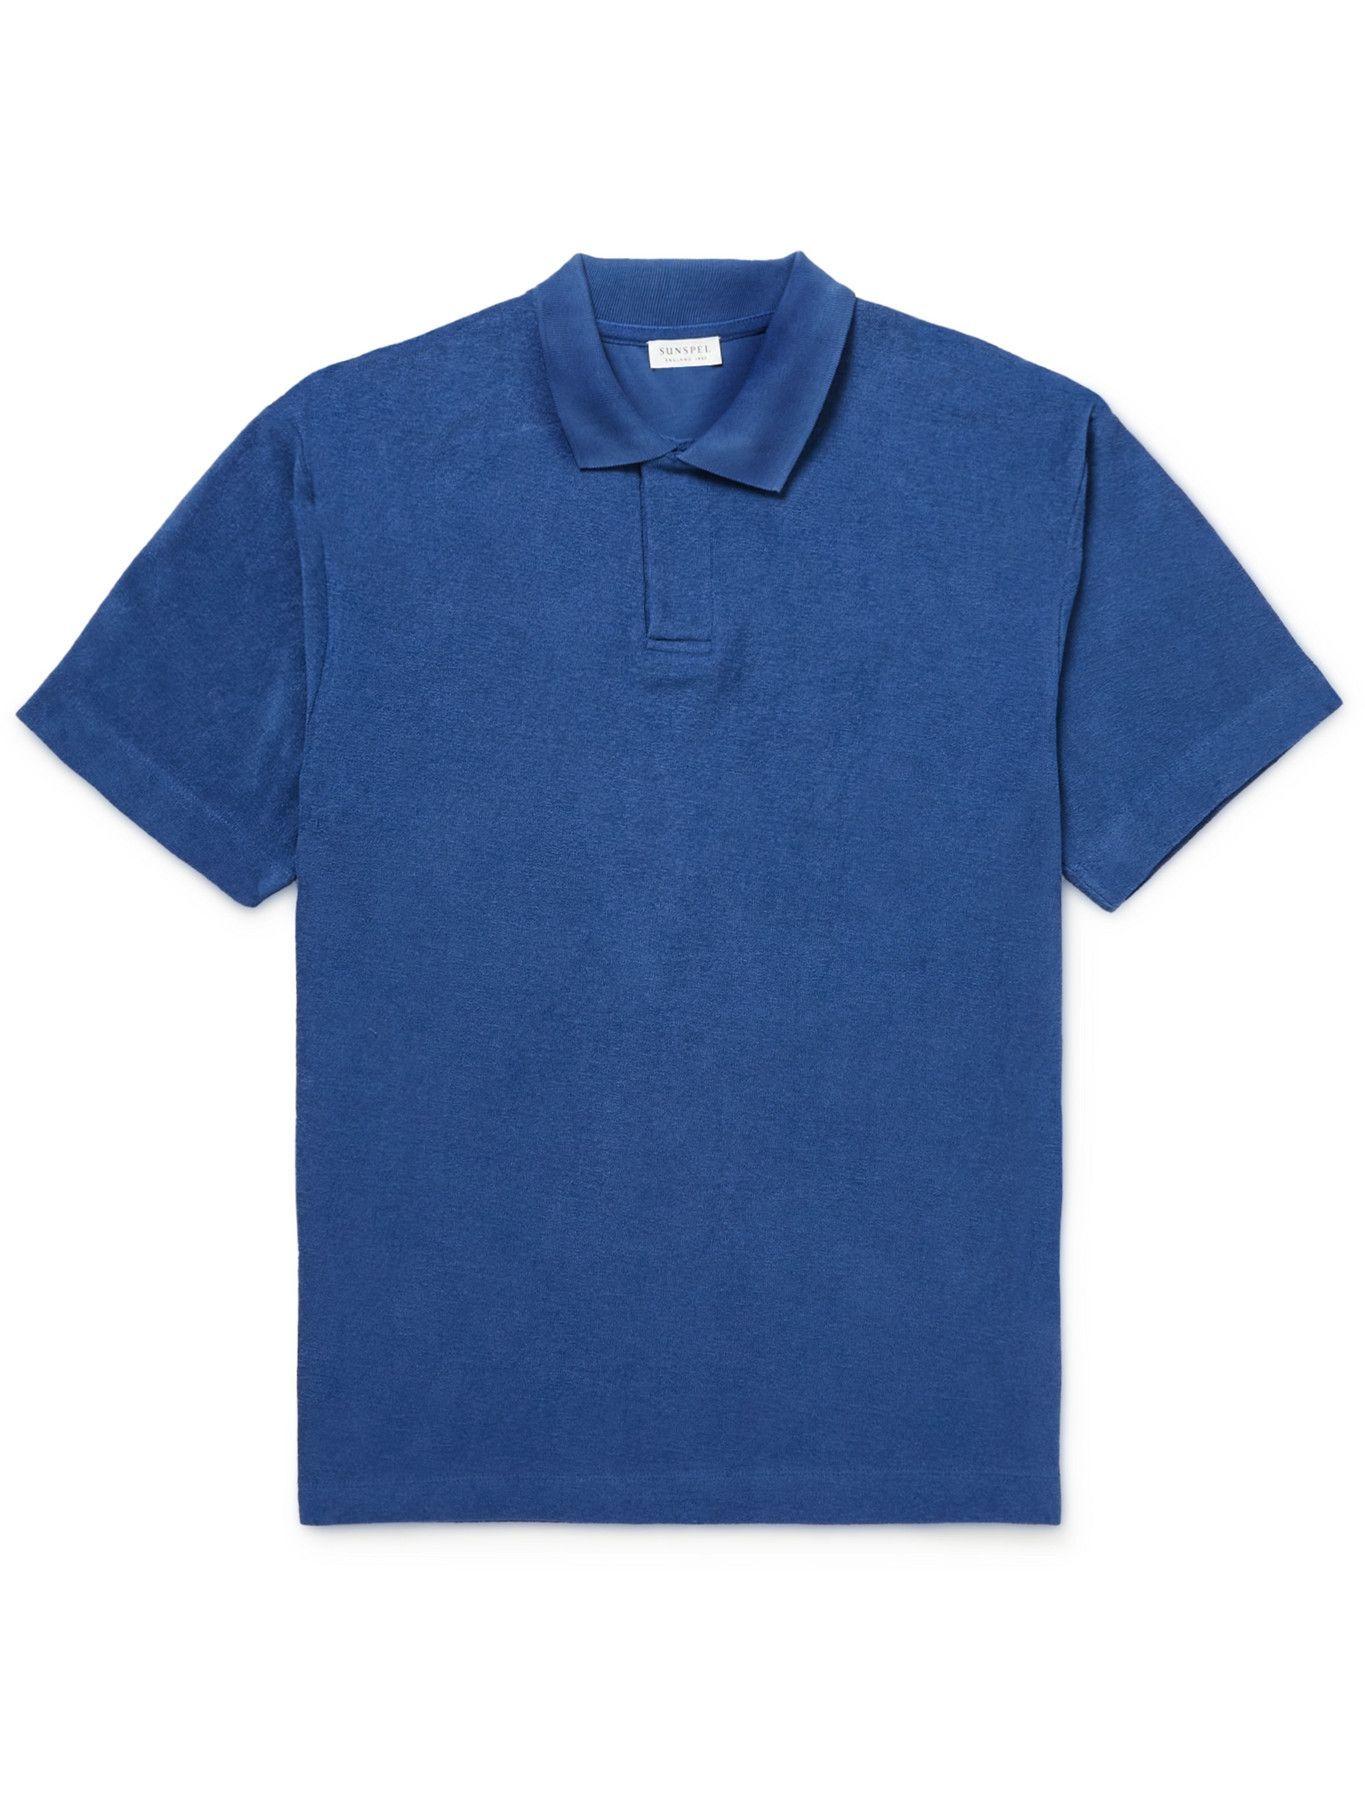 SUNSPEL - Cotton-Terry Polo Shirt - Blue